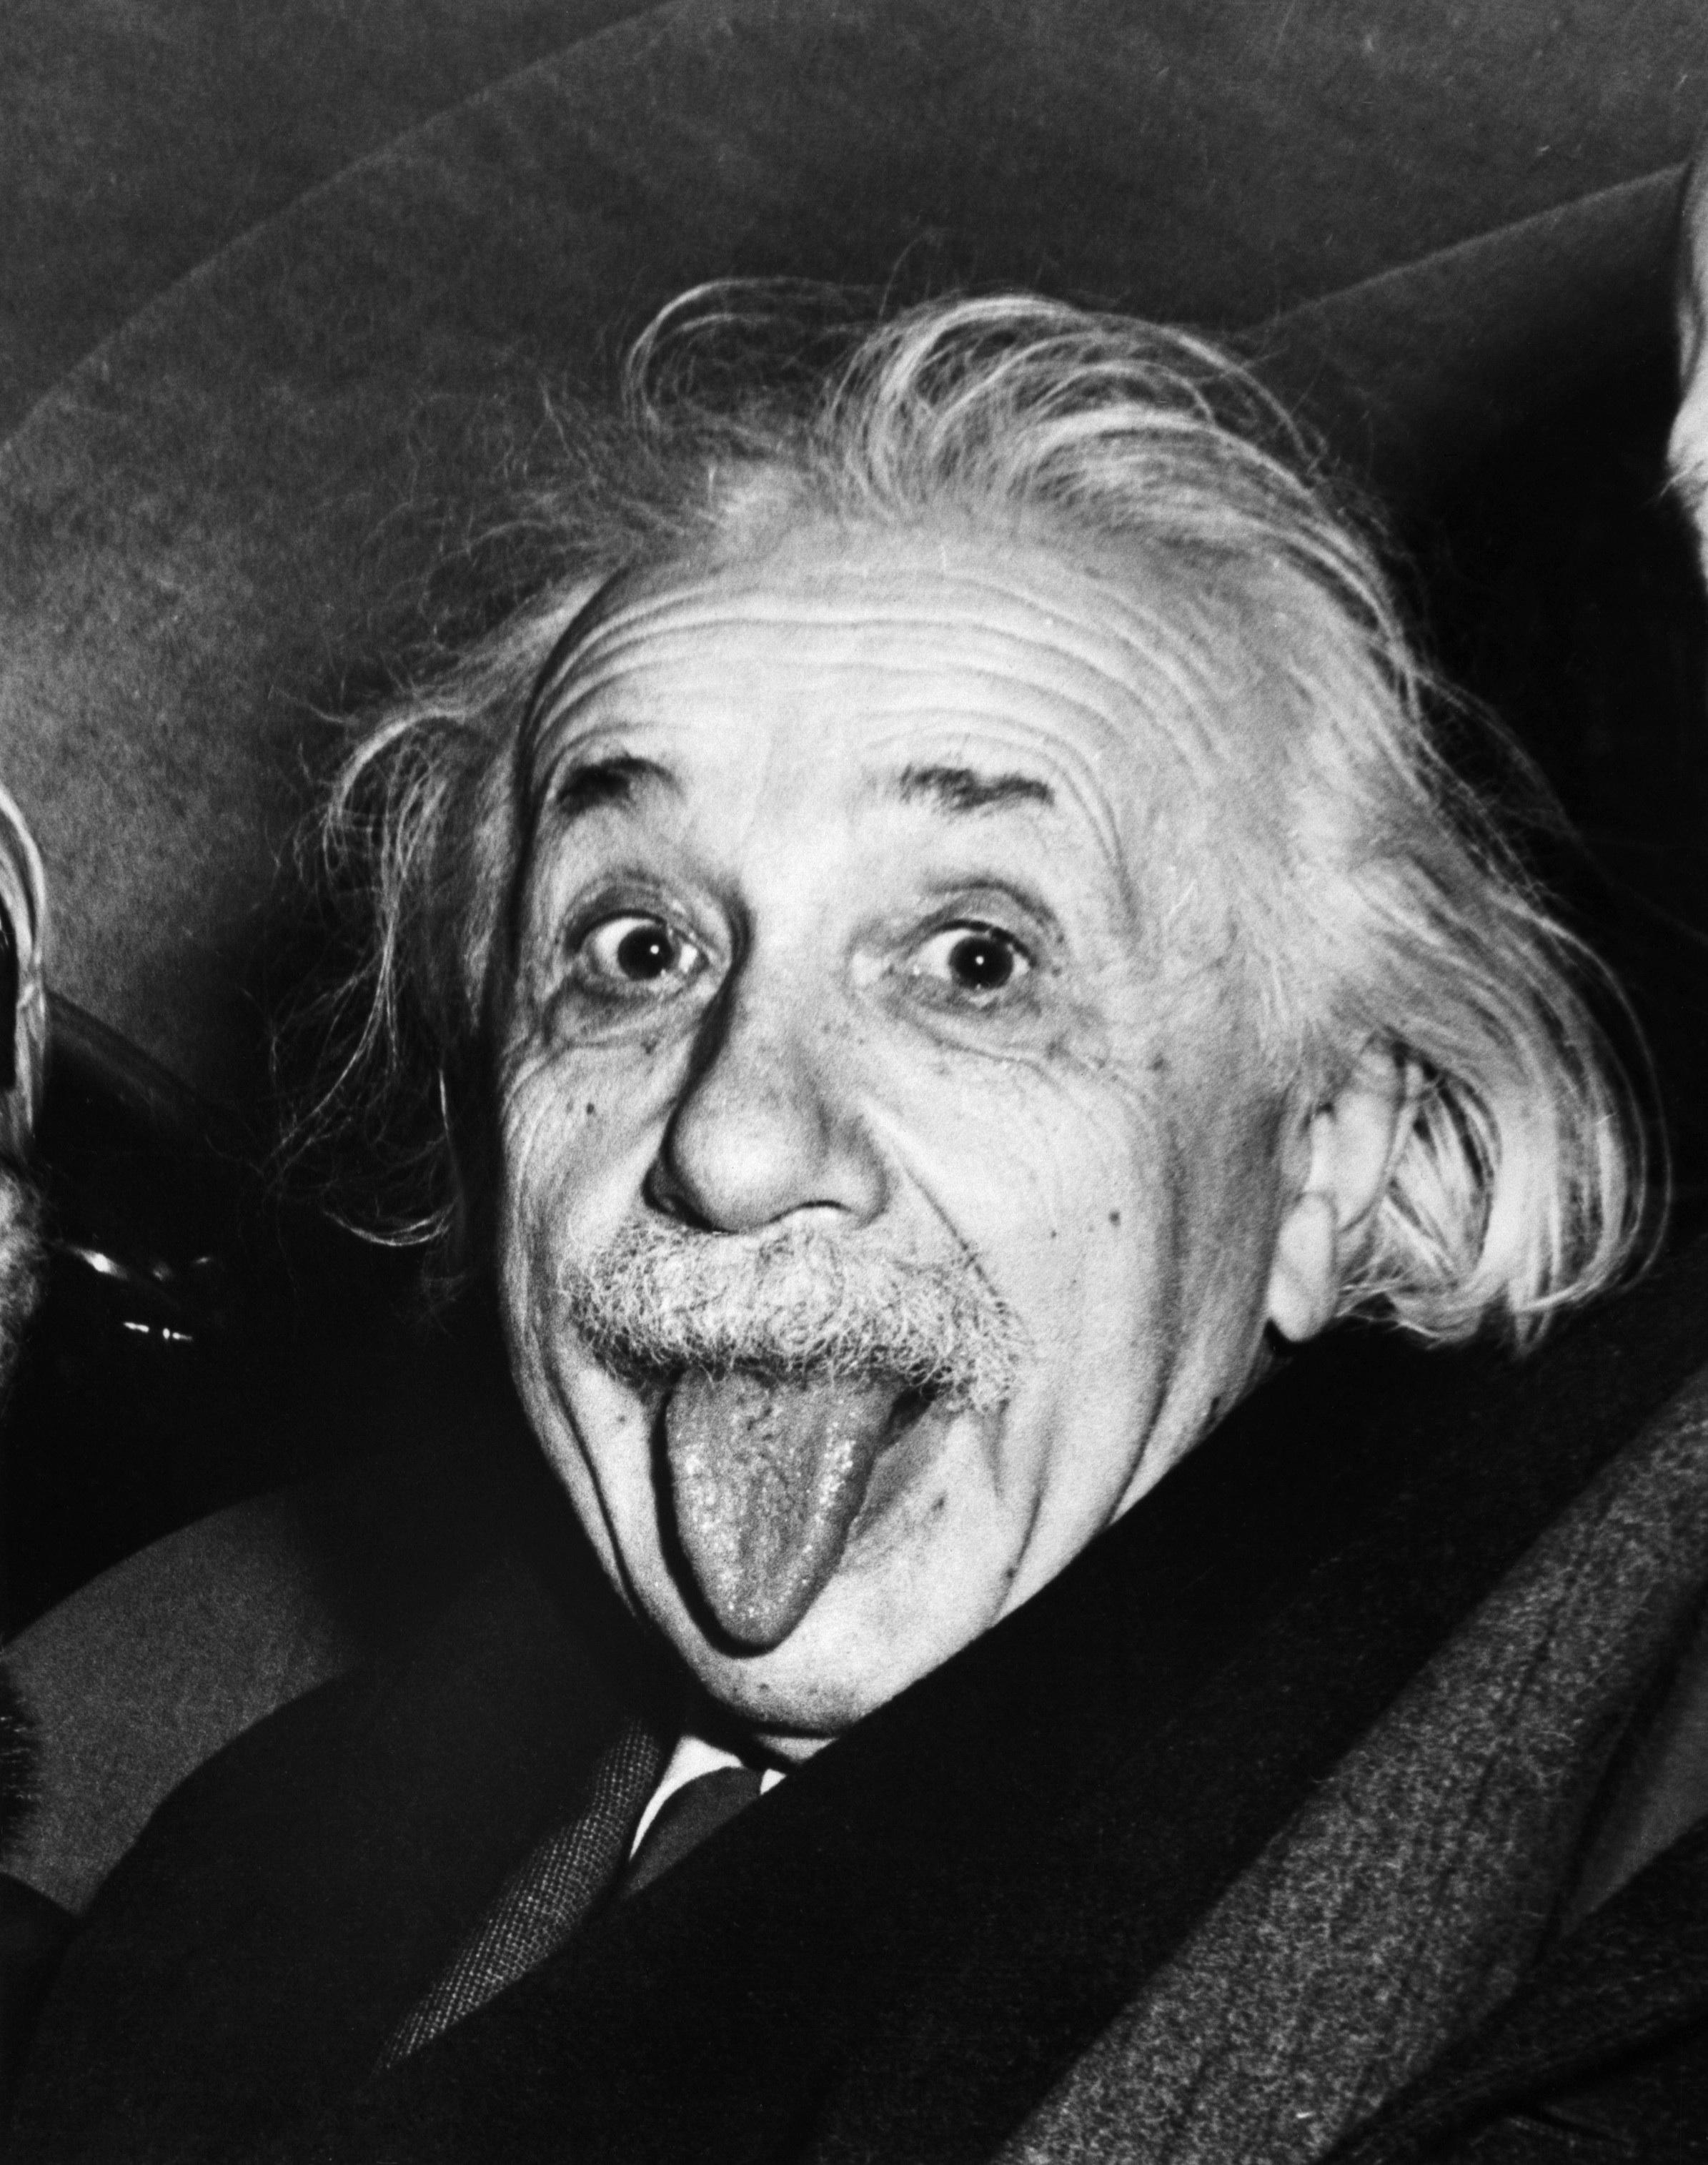 چهار دانشمند ناتوان که دنیای امروز ما را شکل دادند